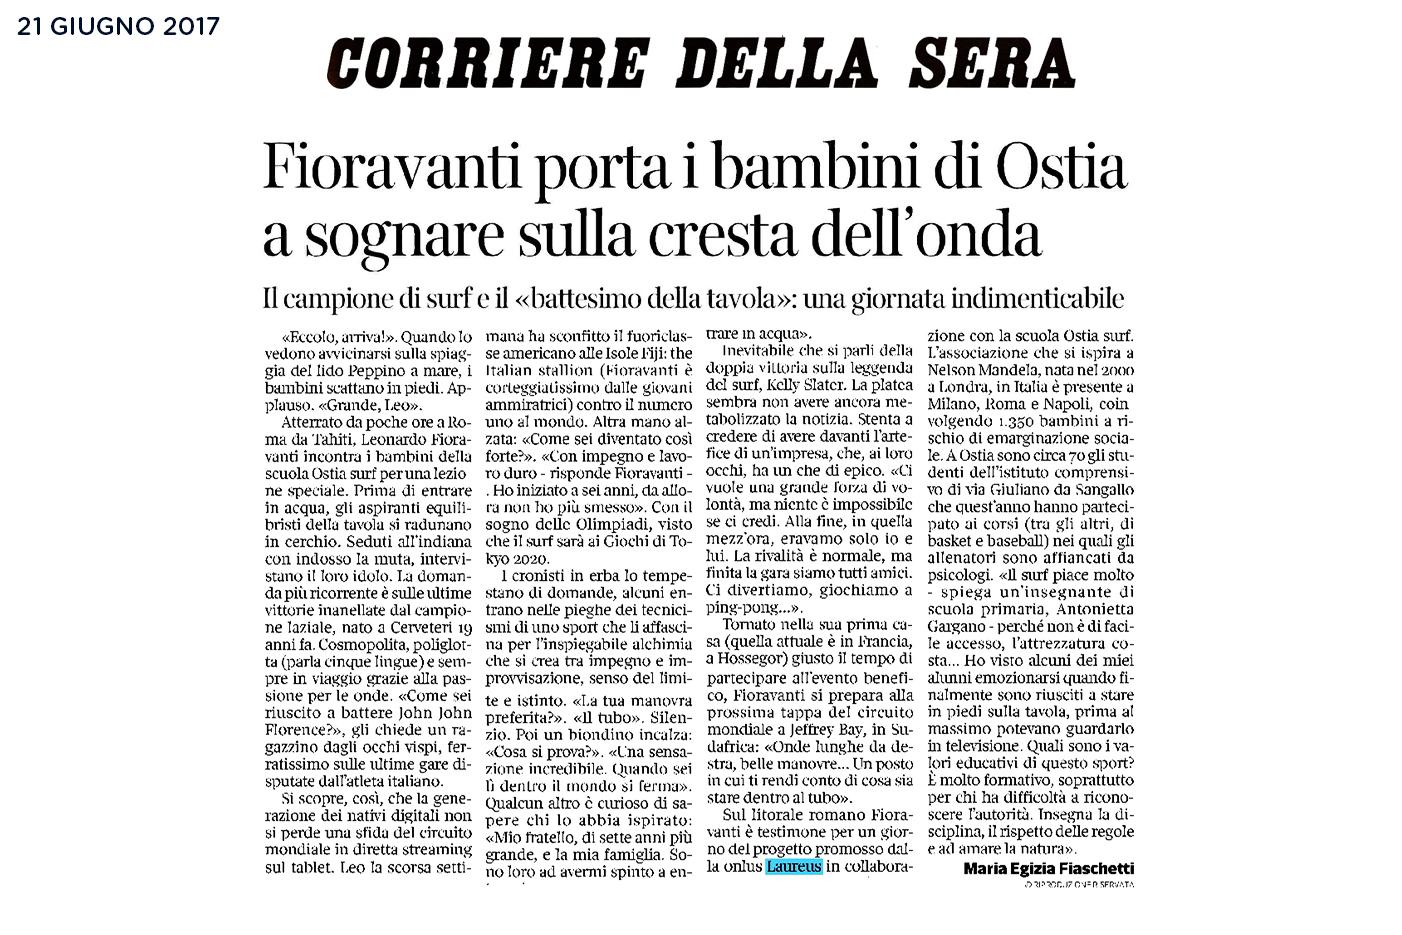 2017_06_21_CORRIERE-DELLA-SERA